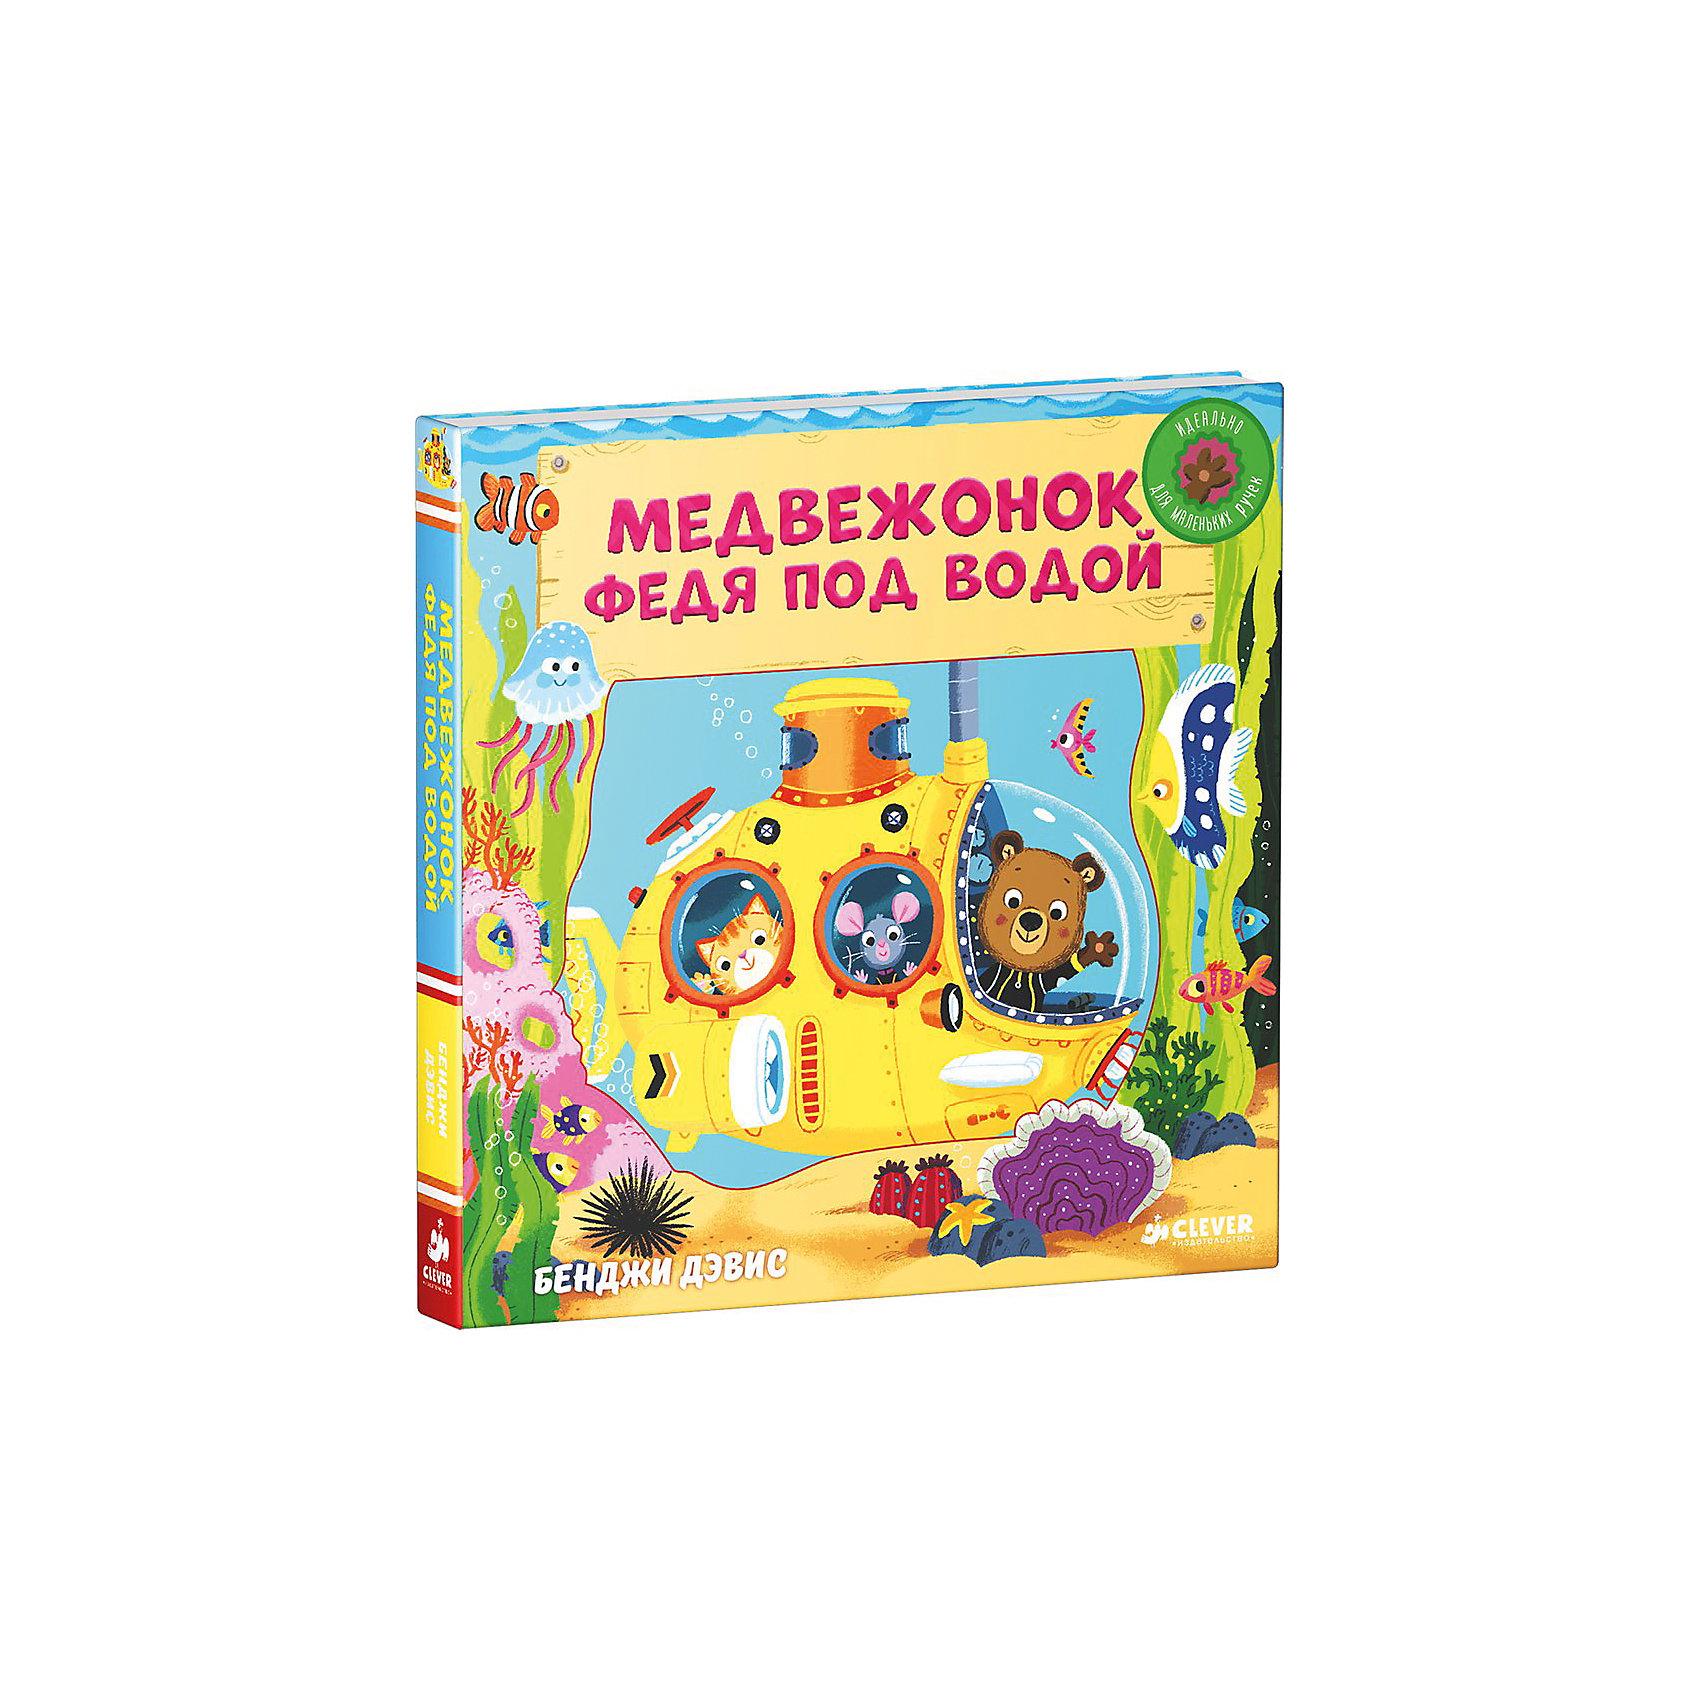 Книга Медвежонок Федя под водойКнига Медвежонок Федя под водой - это книжка-игрушка с движущимися элементами для малышей от 1 года до 3 лет.<br>Книга Медвежонок Федя под водой – это увлекательная книга о медвежонке Феде, который вместе со своими друзьями осуществил погружение на морское дно. Читайте веселые стихи и выполняйте задания. Рассказывайте ребенку о морских обитателях, растениях и затонувших кораблях, о снаряжении для аквалангистов и о том для чего оно нужно. Обращайте внимание ребенка на разнообразие и красоту подводного мира. А яркие и красочные иллюстрации вам помогут в этом! У книги удобный формат и плотные картонные страницы с движущимися элементами.<br><br>Дополнительная информация:<br><br>- Автор: Дэвис Бенджи<br>- Переводчик: Фокина Юлия<br>- Издательство: Клевер Медиа Групп, 2016 г.<br>- Серия: Тяни, толкай, крути, читай<br>- Тип обложки: картонная обложка<br>- Оформление: вырубка, с подвижными элементами<br>- Иллюстрации: цветные<br>- Количество страниц: 8 (картон)<br>- Размер: 180x180x18 мм.<br>- Вес: 378 гр.<br><br>Книгу Медвежонок Федя под водой можно купить в нашем интернет-магазине.<br><br>Ширина мм: 180<br>Глубина мм: 180<br>Высота мм: 15<br>Вес г: 285<br>Возраст от месяцев: 12<br>Возраст до месяцев: 36<br>Пол: Унисекс<br>Возраст: Детский<br>SKU: 4621991